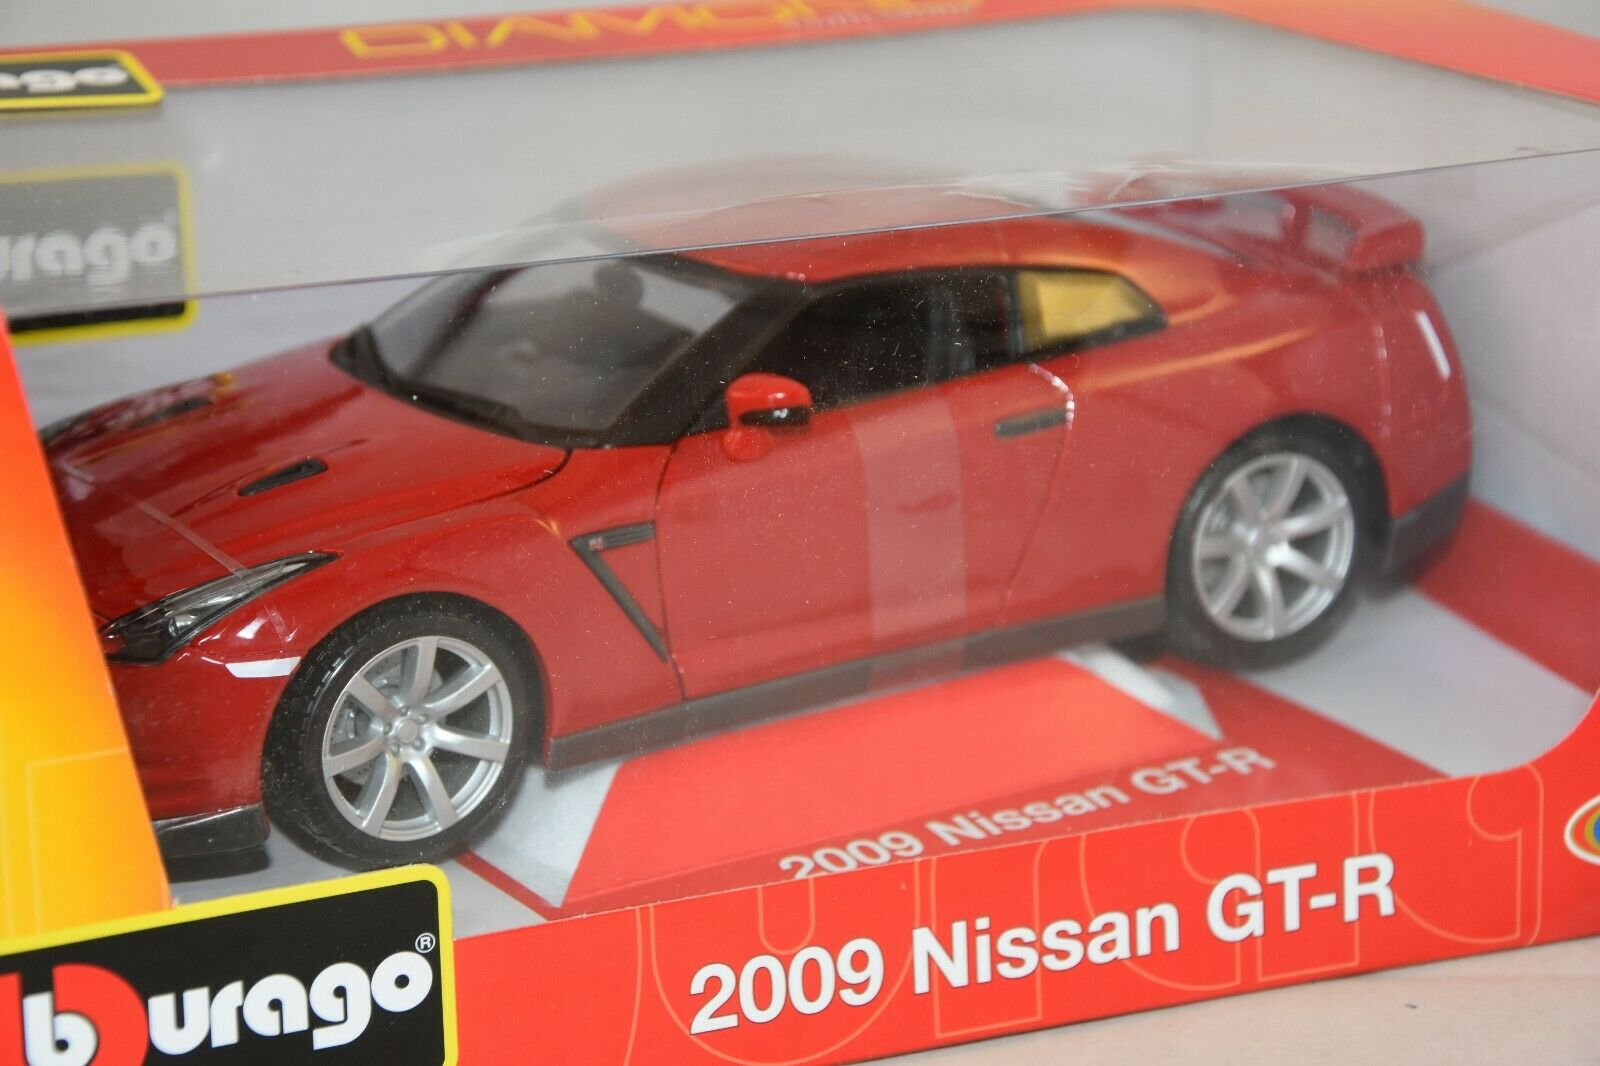 Burago 11030RD - Nissan Gt-R Rot 1 18 Bburago